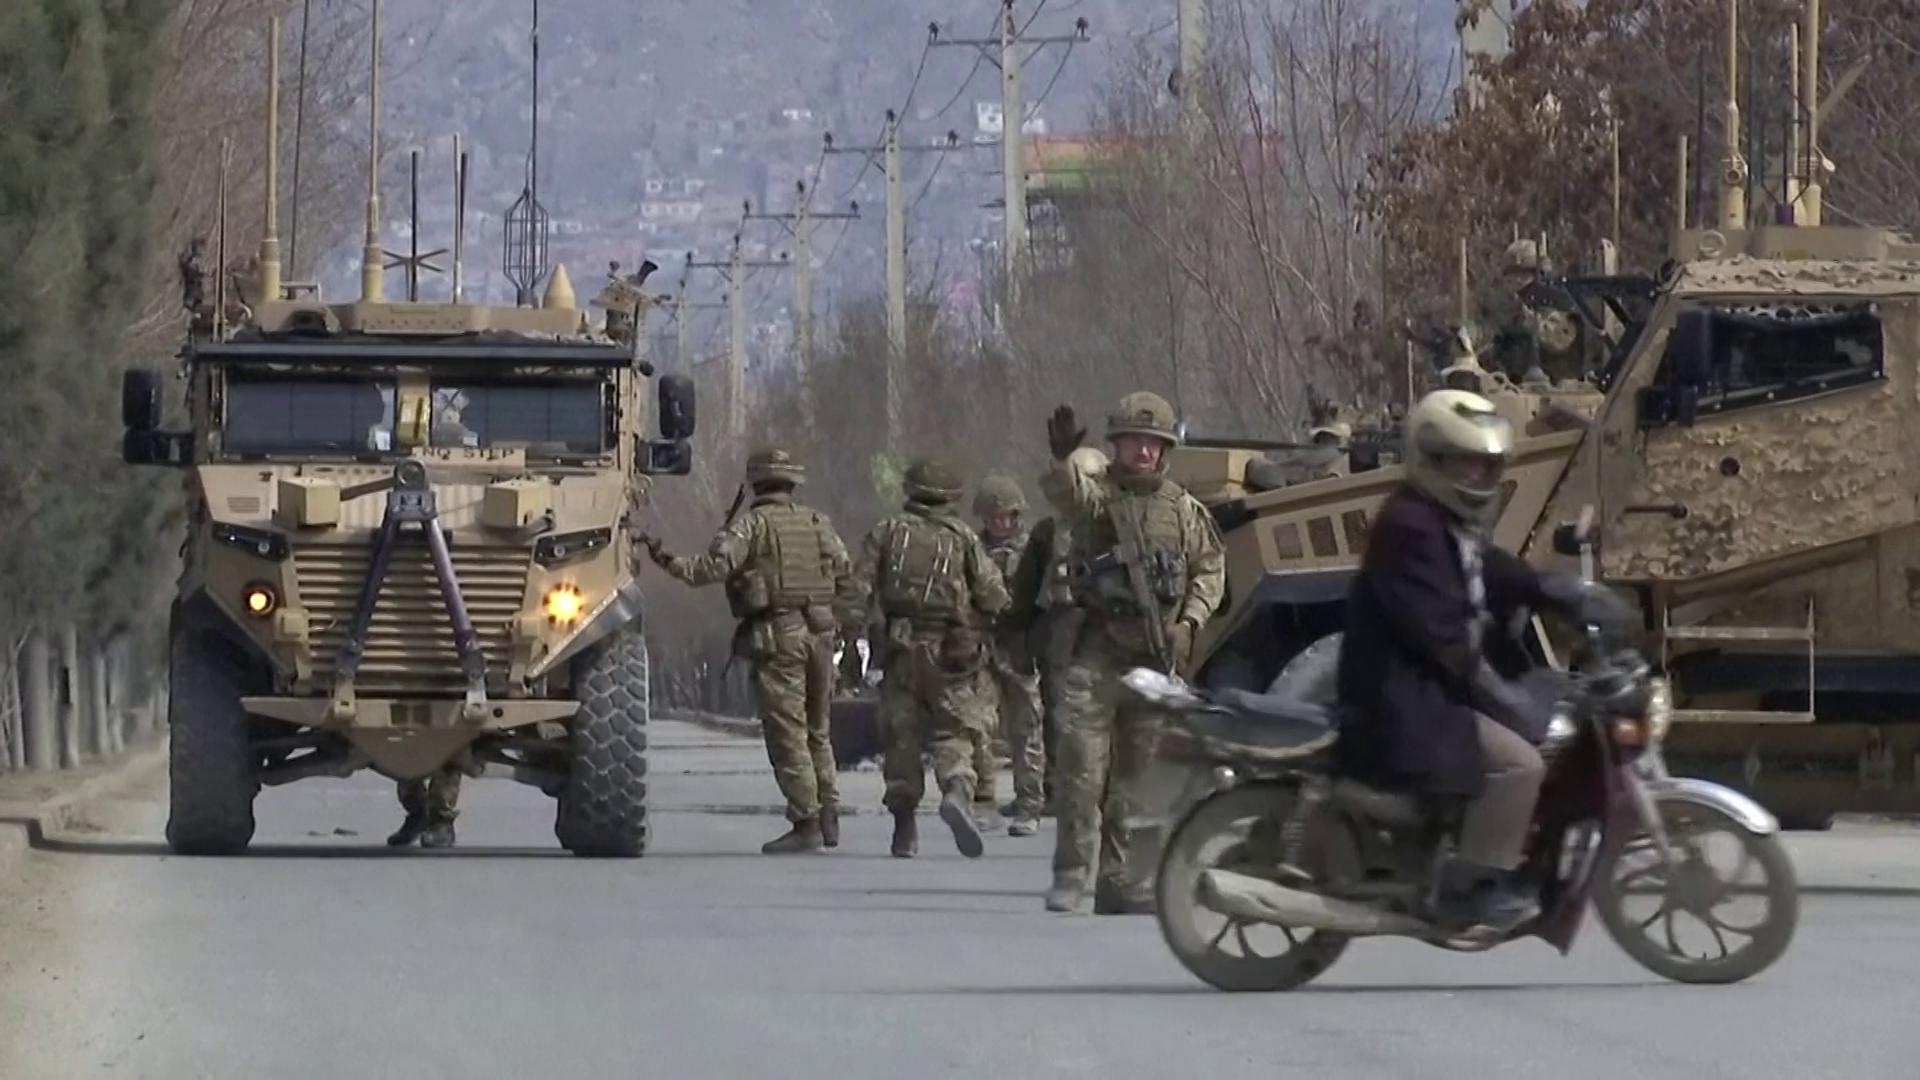 Militares reforçam segurança no Afeganistão após ataque